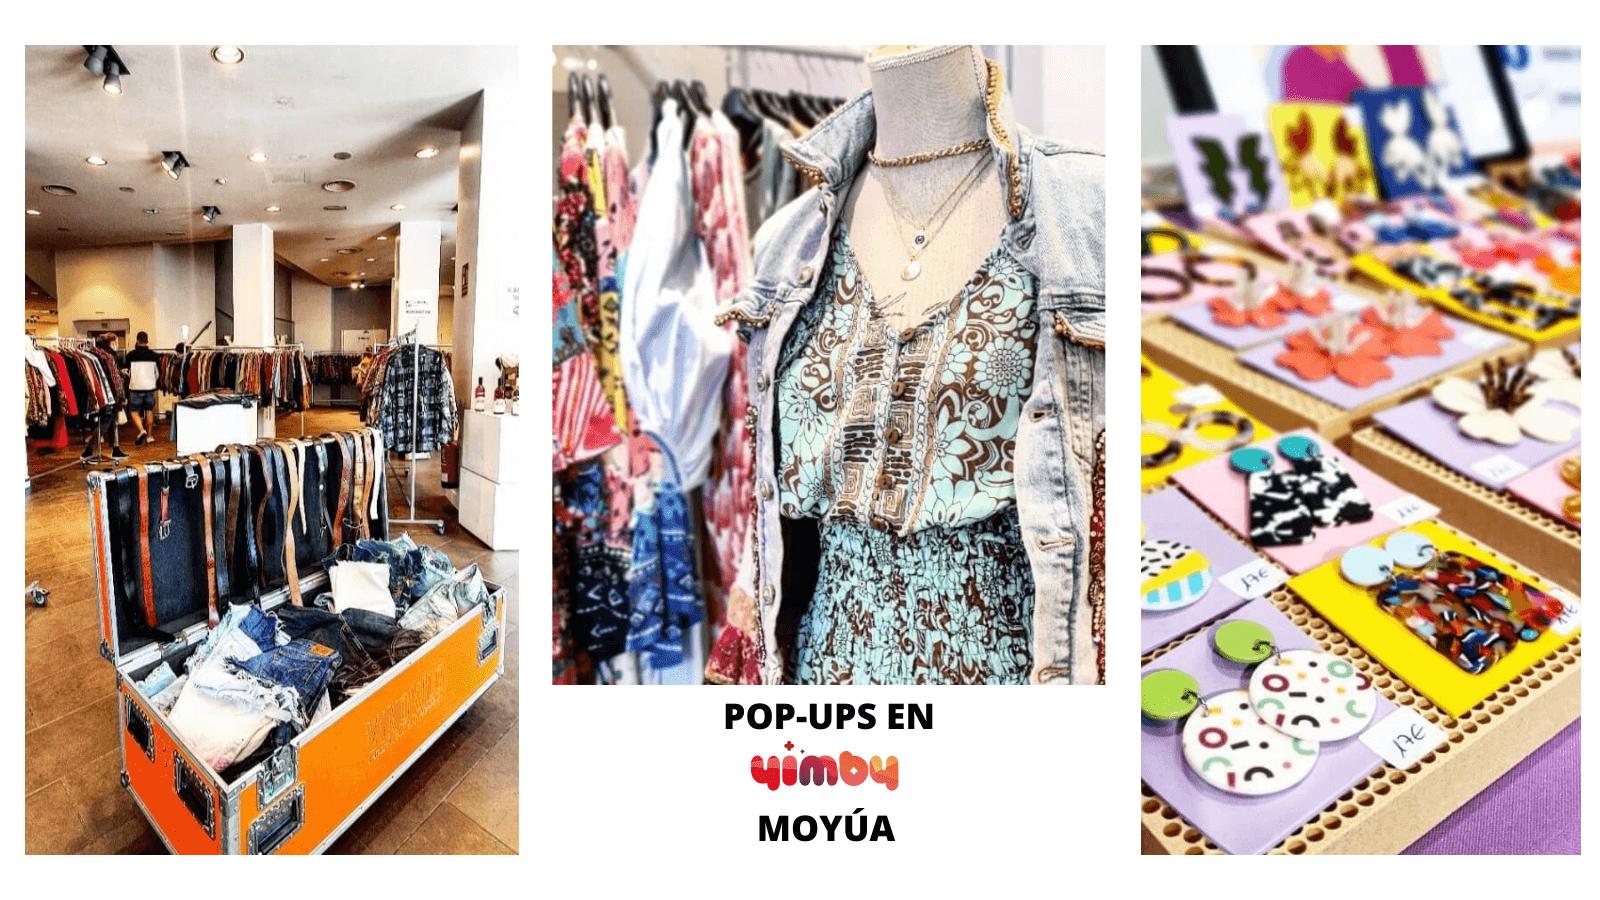 YIMBY MOYÚA SE UNE A LA MODA DE LOS POP-UPS